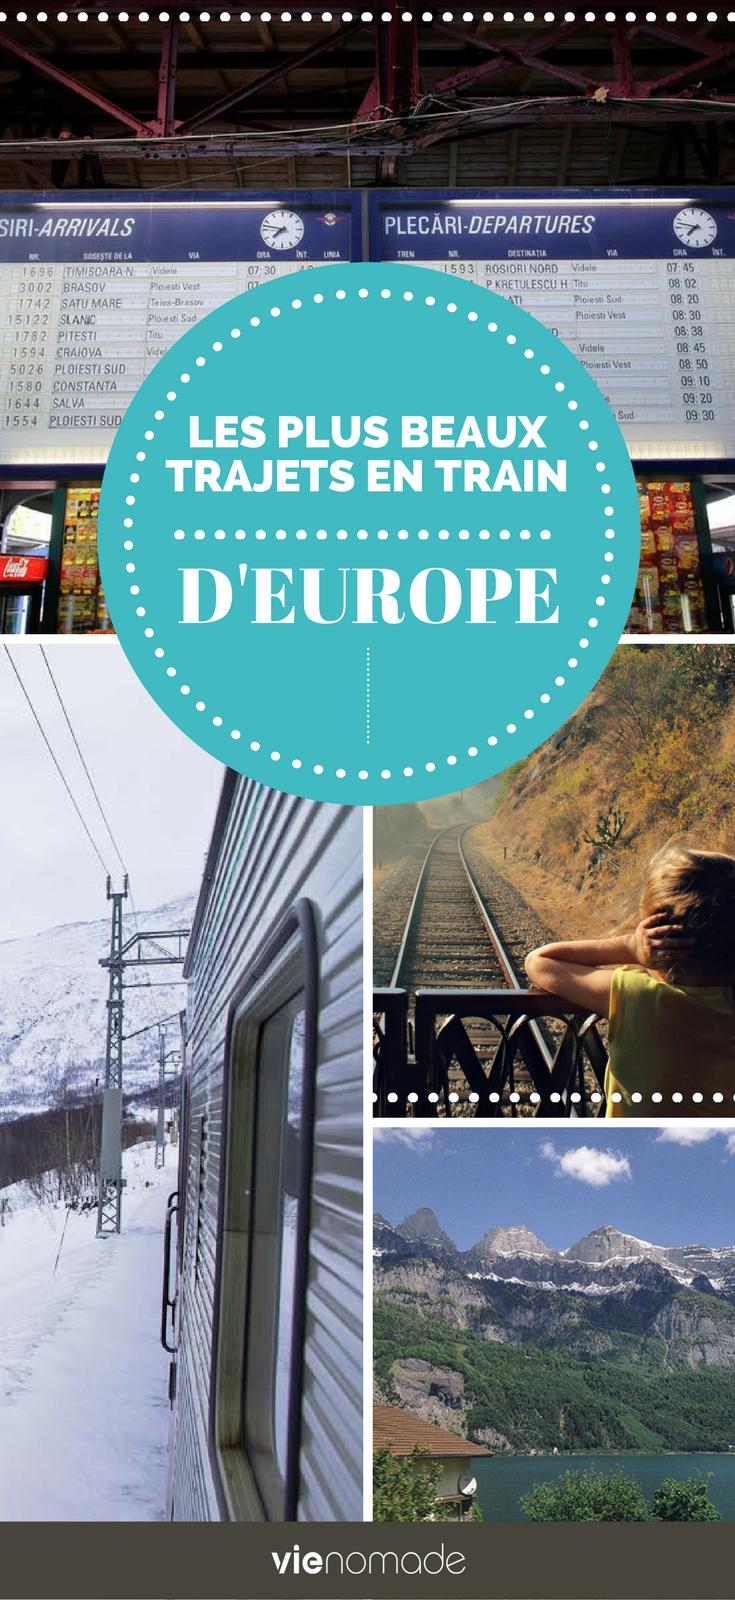 Les plus beaux voyages en train d'Europe